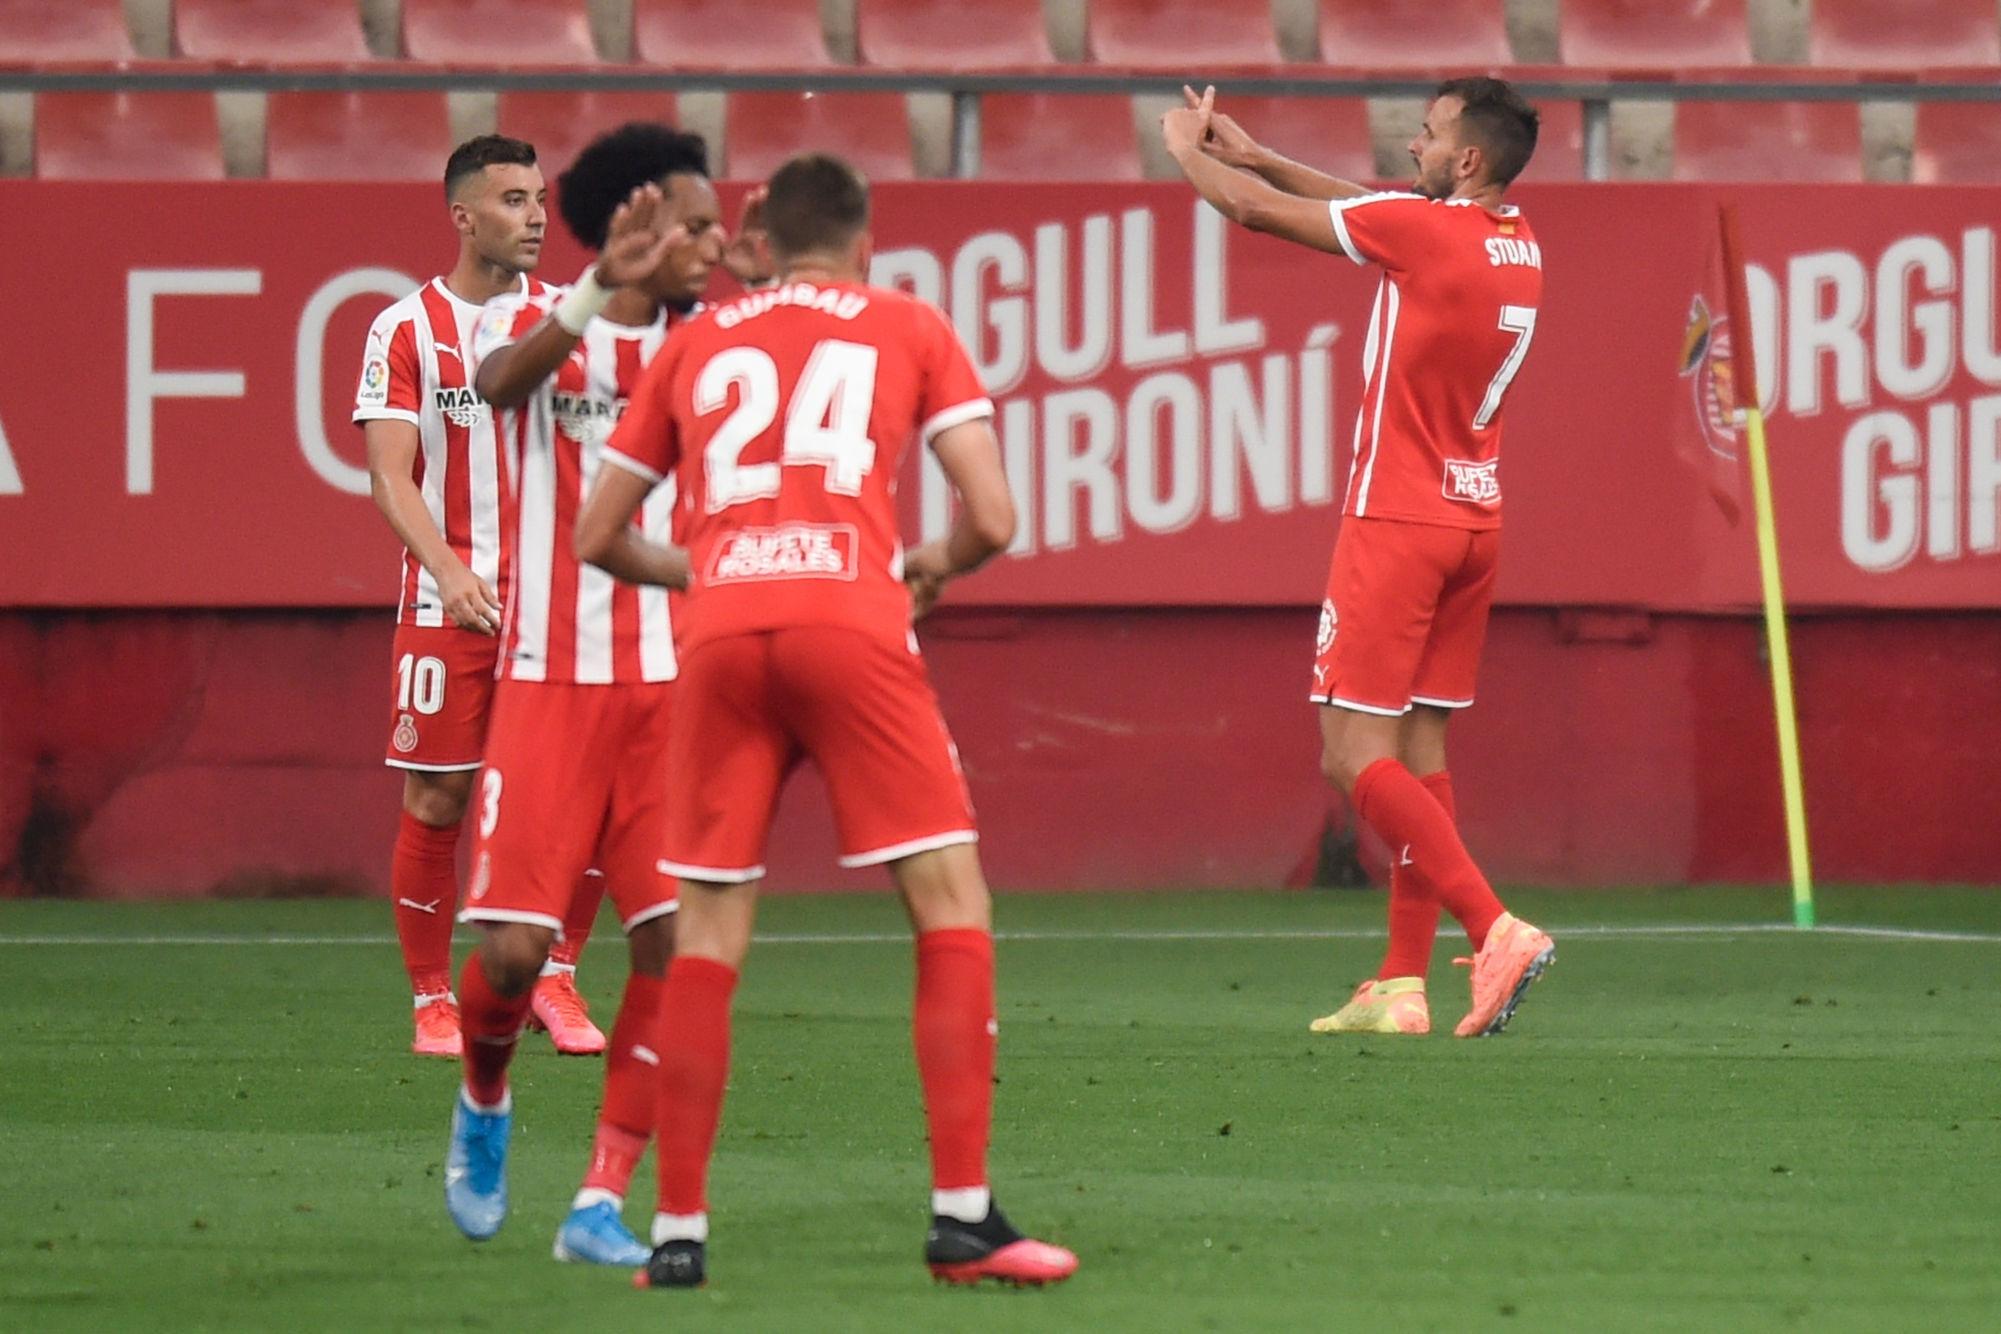 2️⃣ Girona / Les socios appelés à changer l'écusson de leur club !